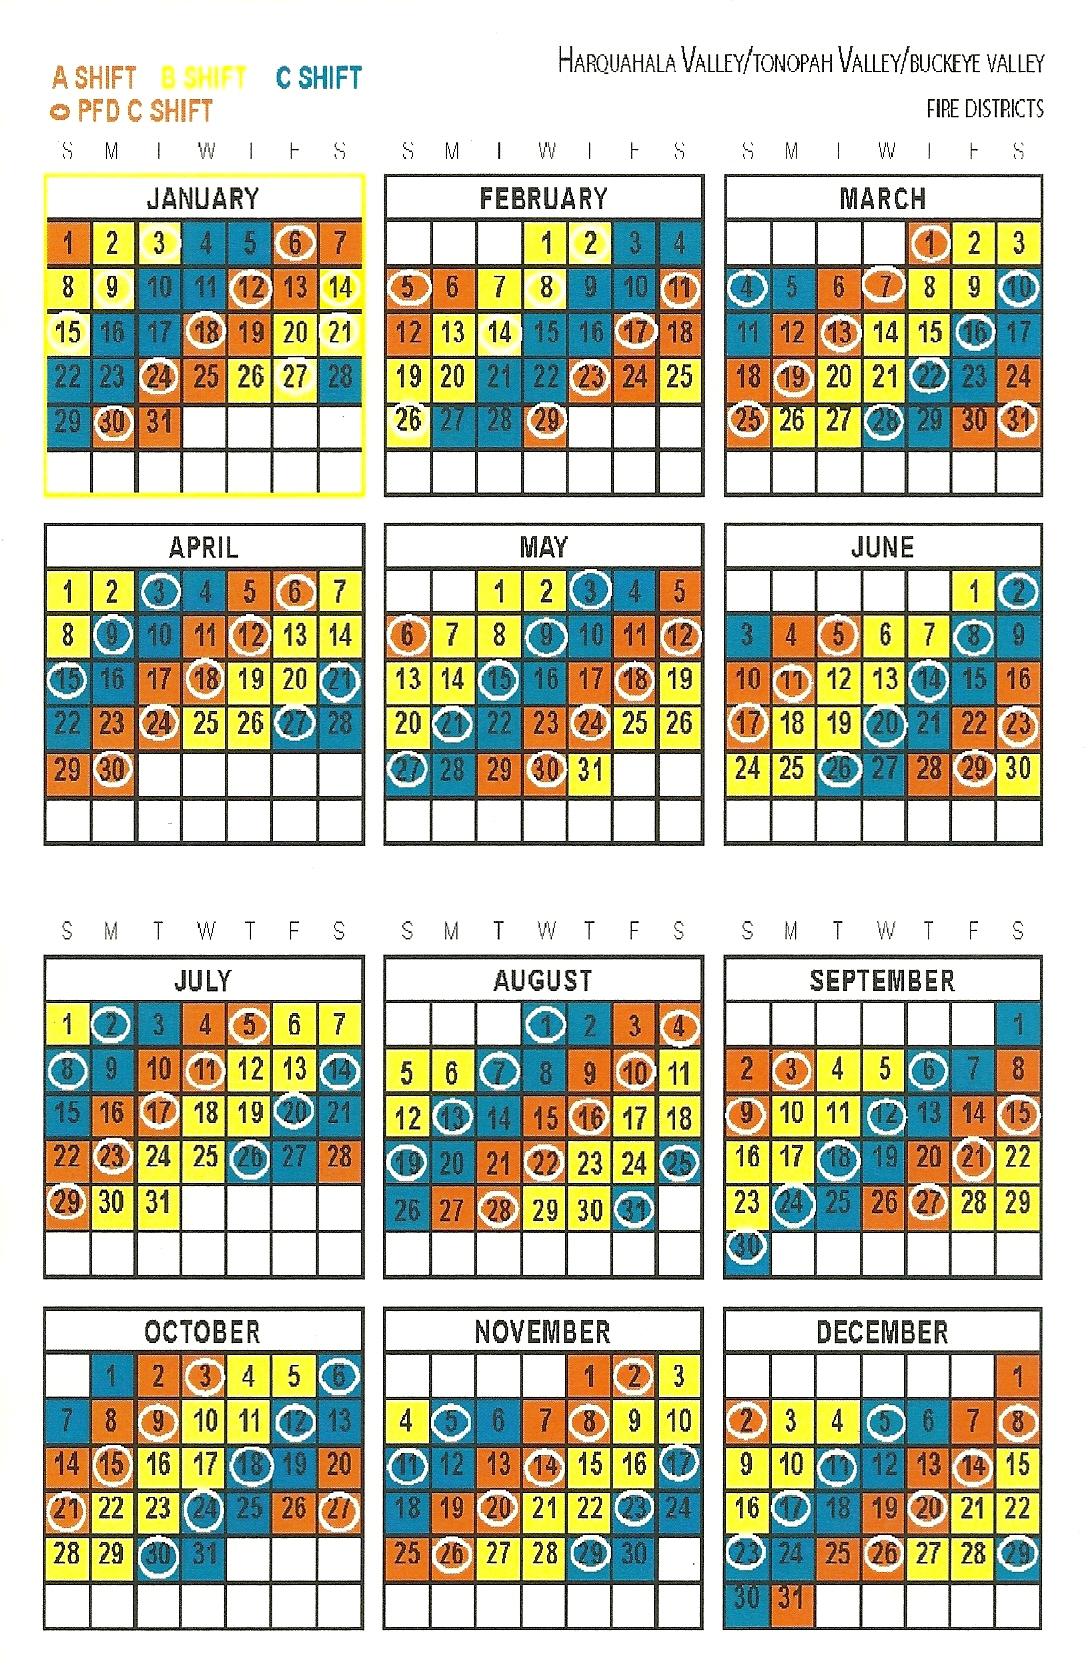 Pick Firefighter 24/96 Shift Calendars | Calendar